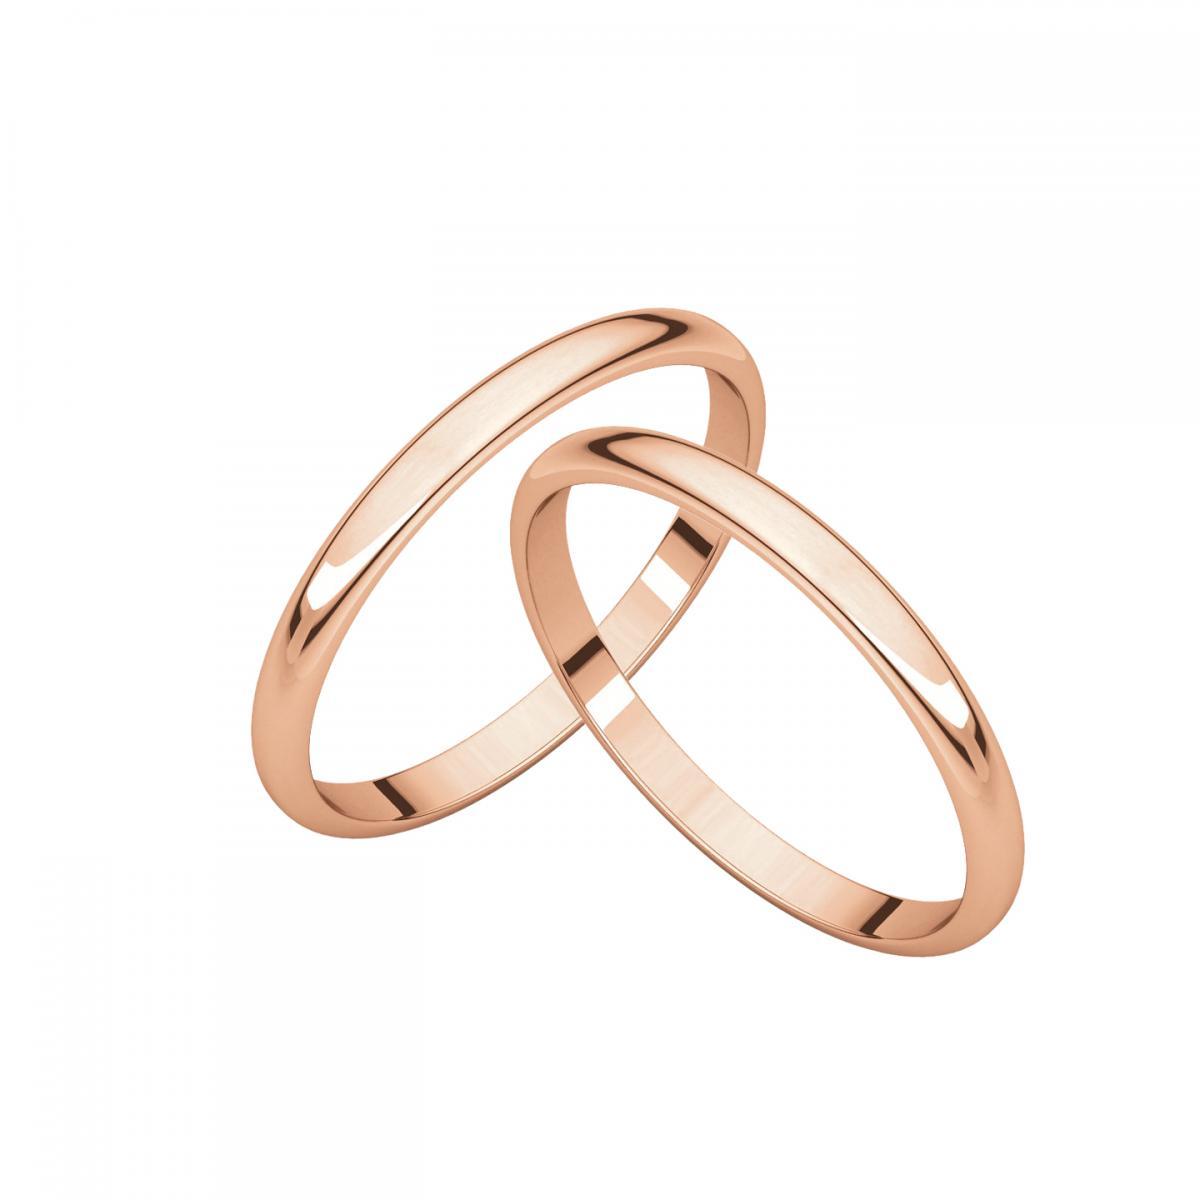 3 mẫu nhẫn cưới vàng 18k trơn được ưa chuộng hiện nay